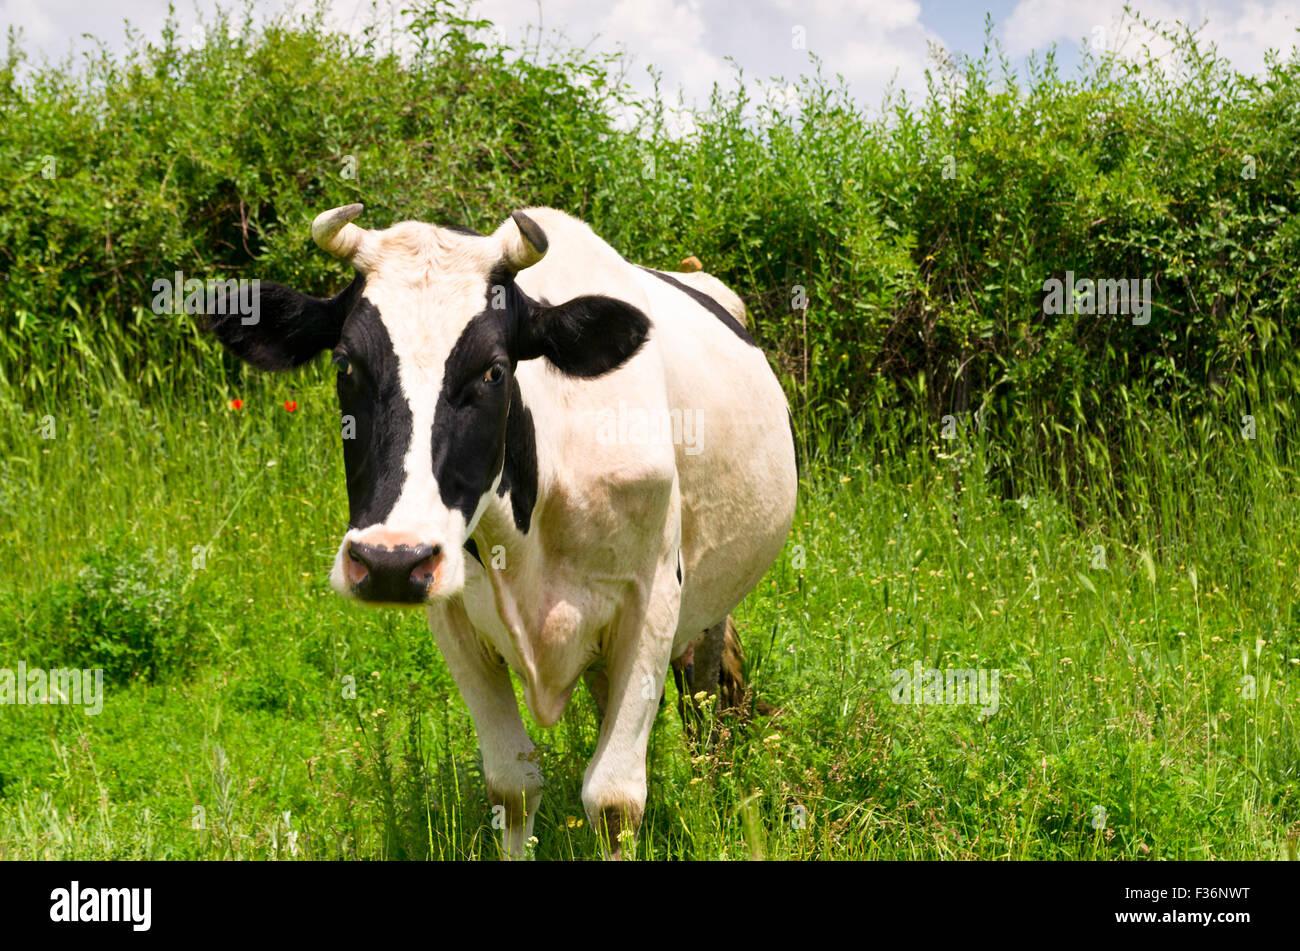 Une vache laitière curieux et le pâturage permanent dans son pâturage Photo Stock